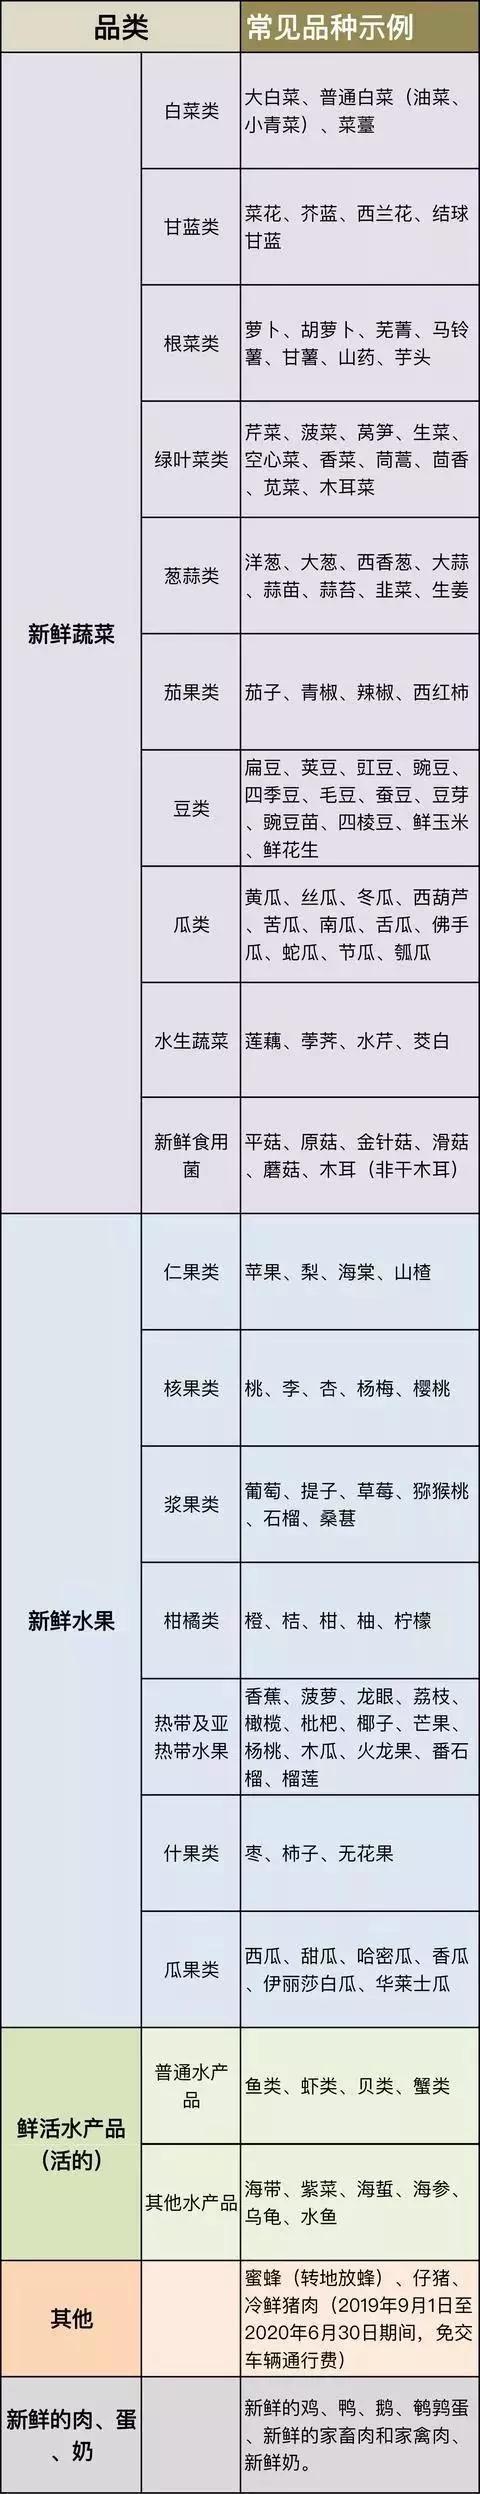 绿通目录表